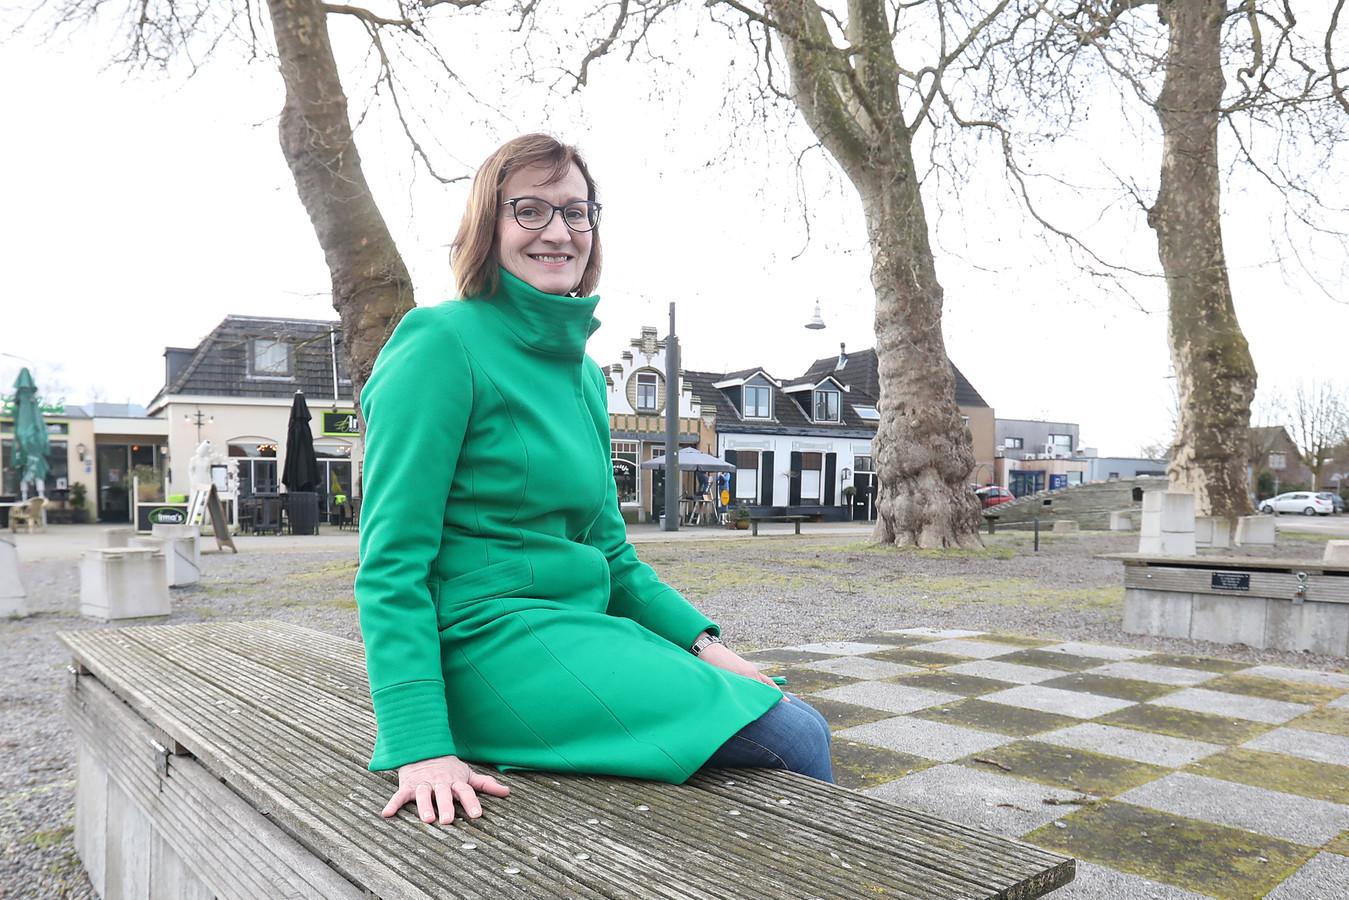 D66-fractievoorzitter Alice Olde Reuver of Briel